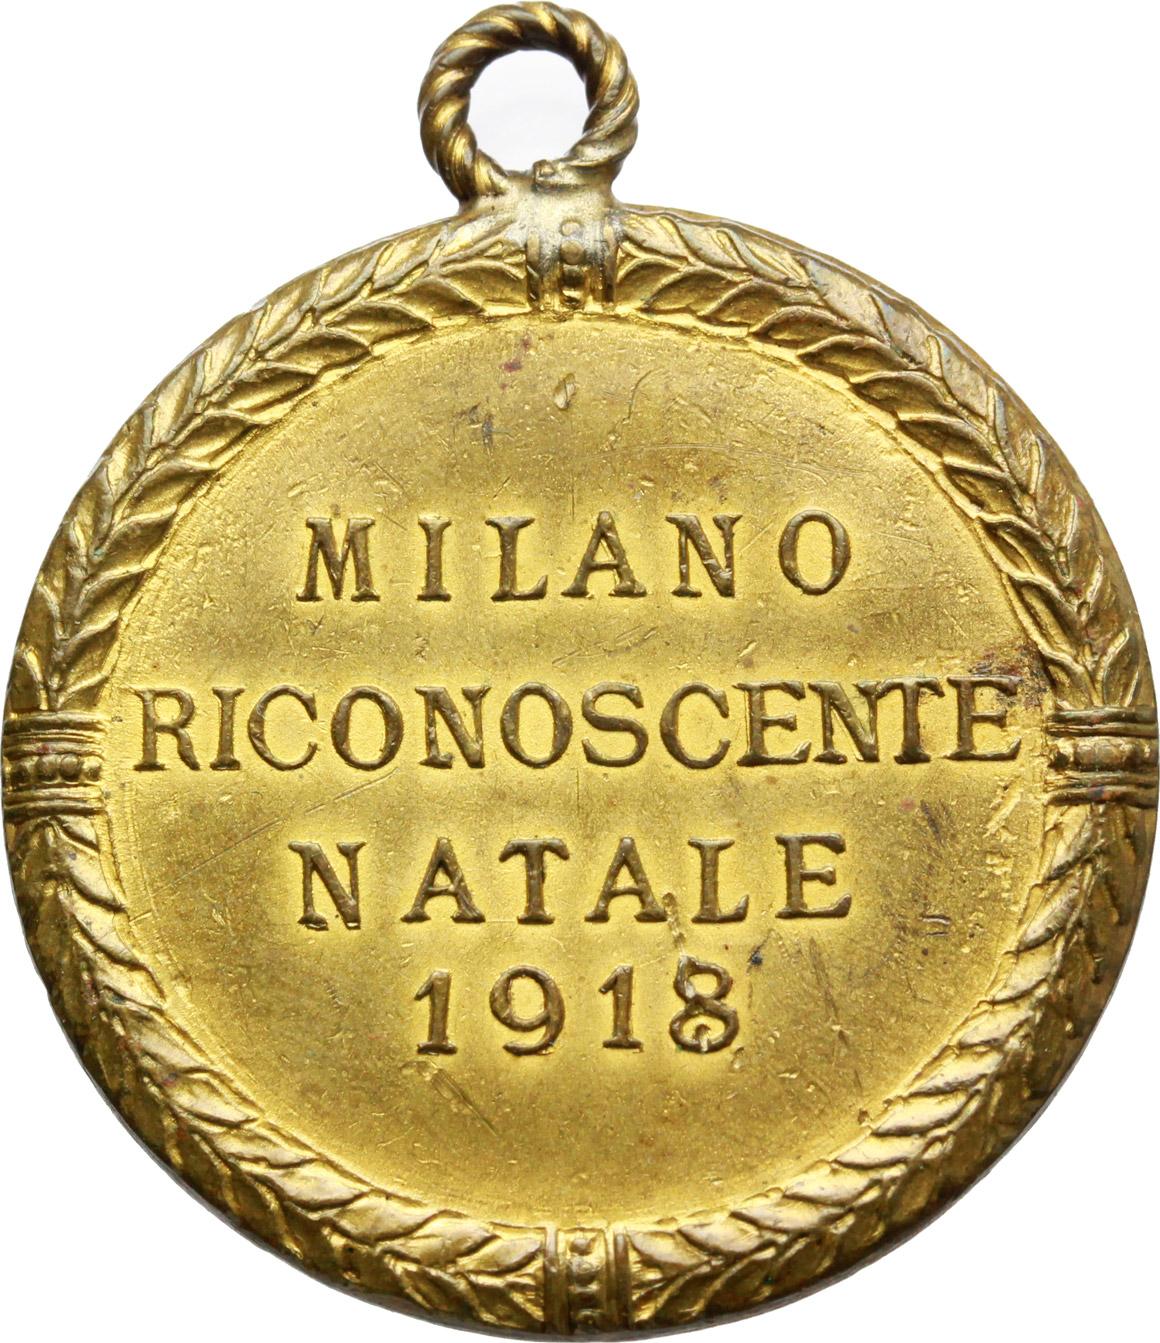 R/  Medaglia Milano riconoscente Natale 1918.     AE dorato.   mm. 31.00    BB.